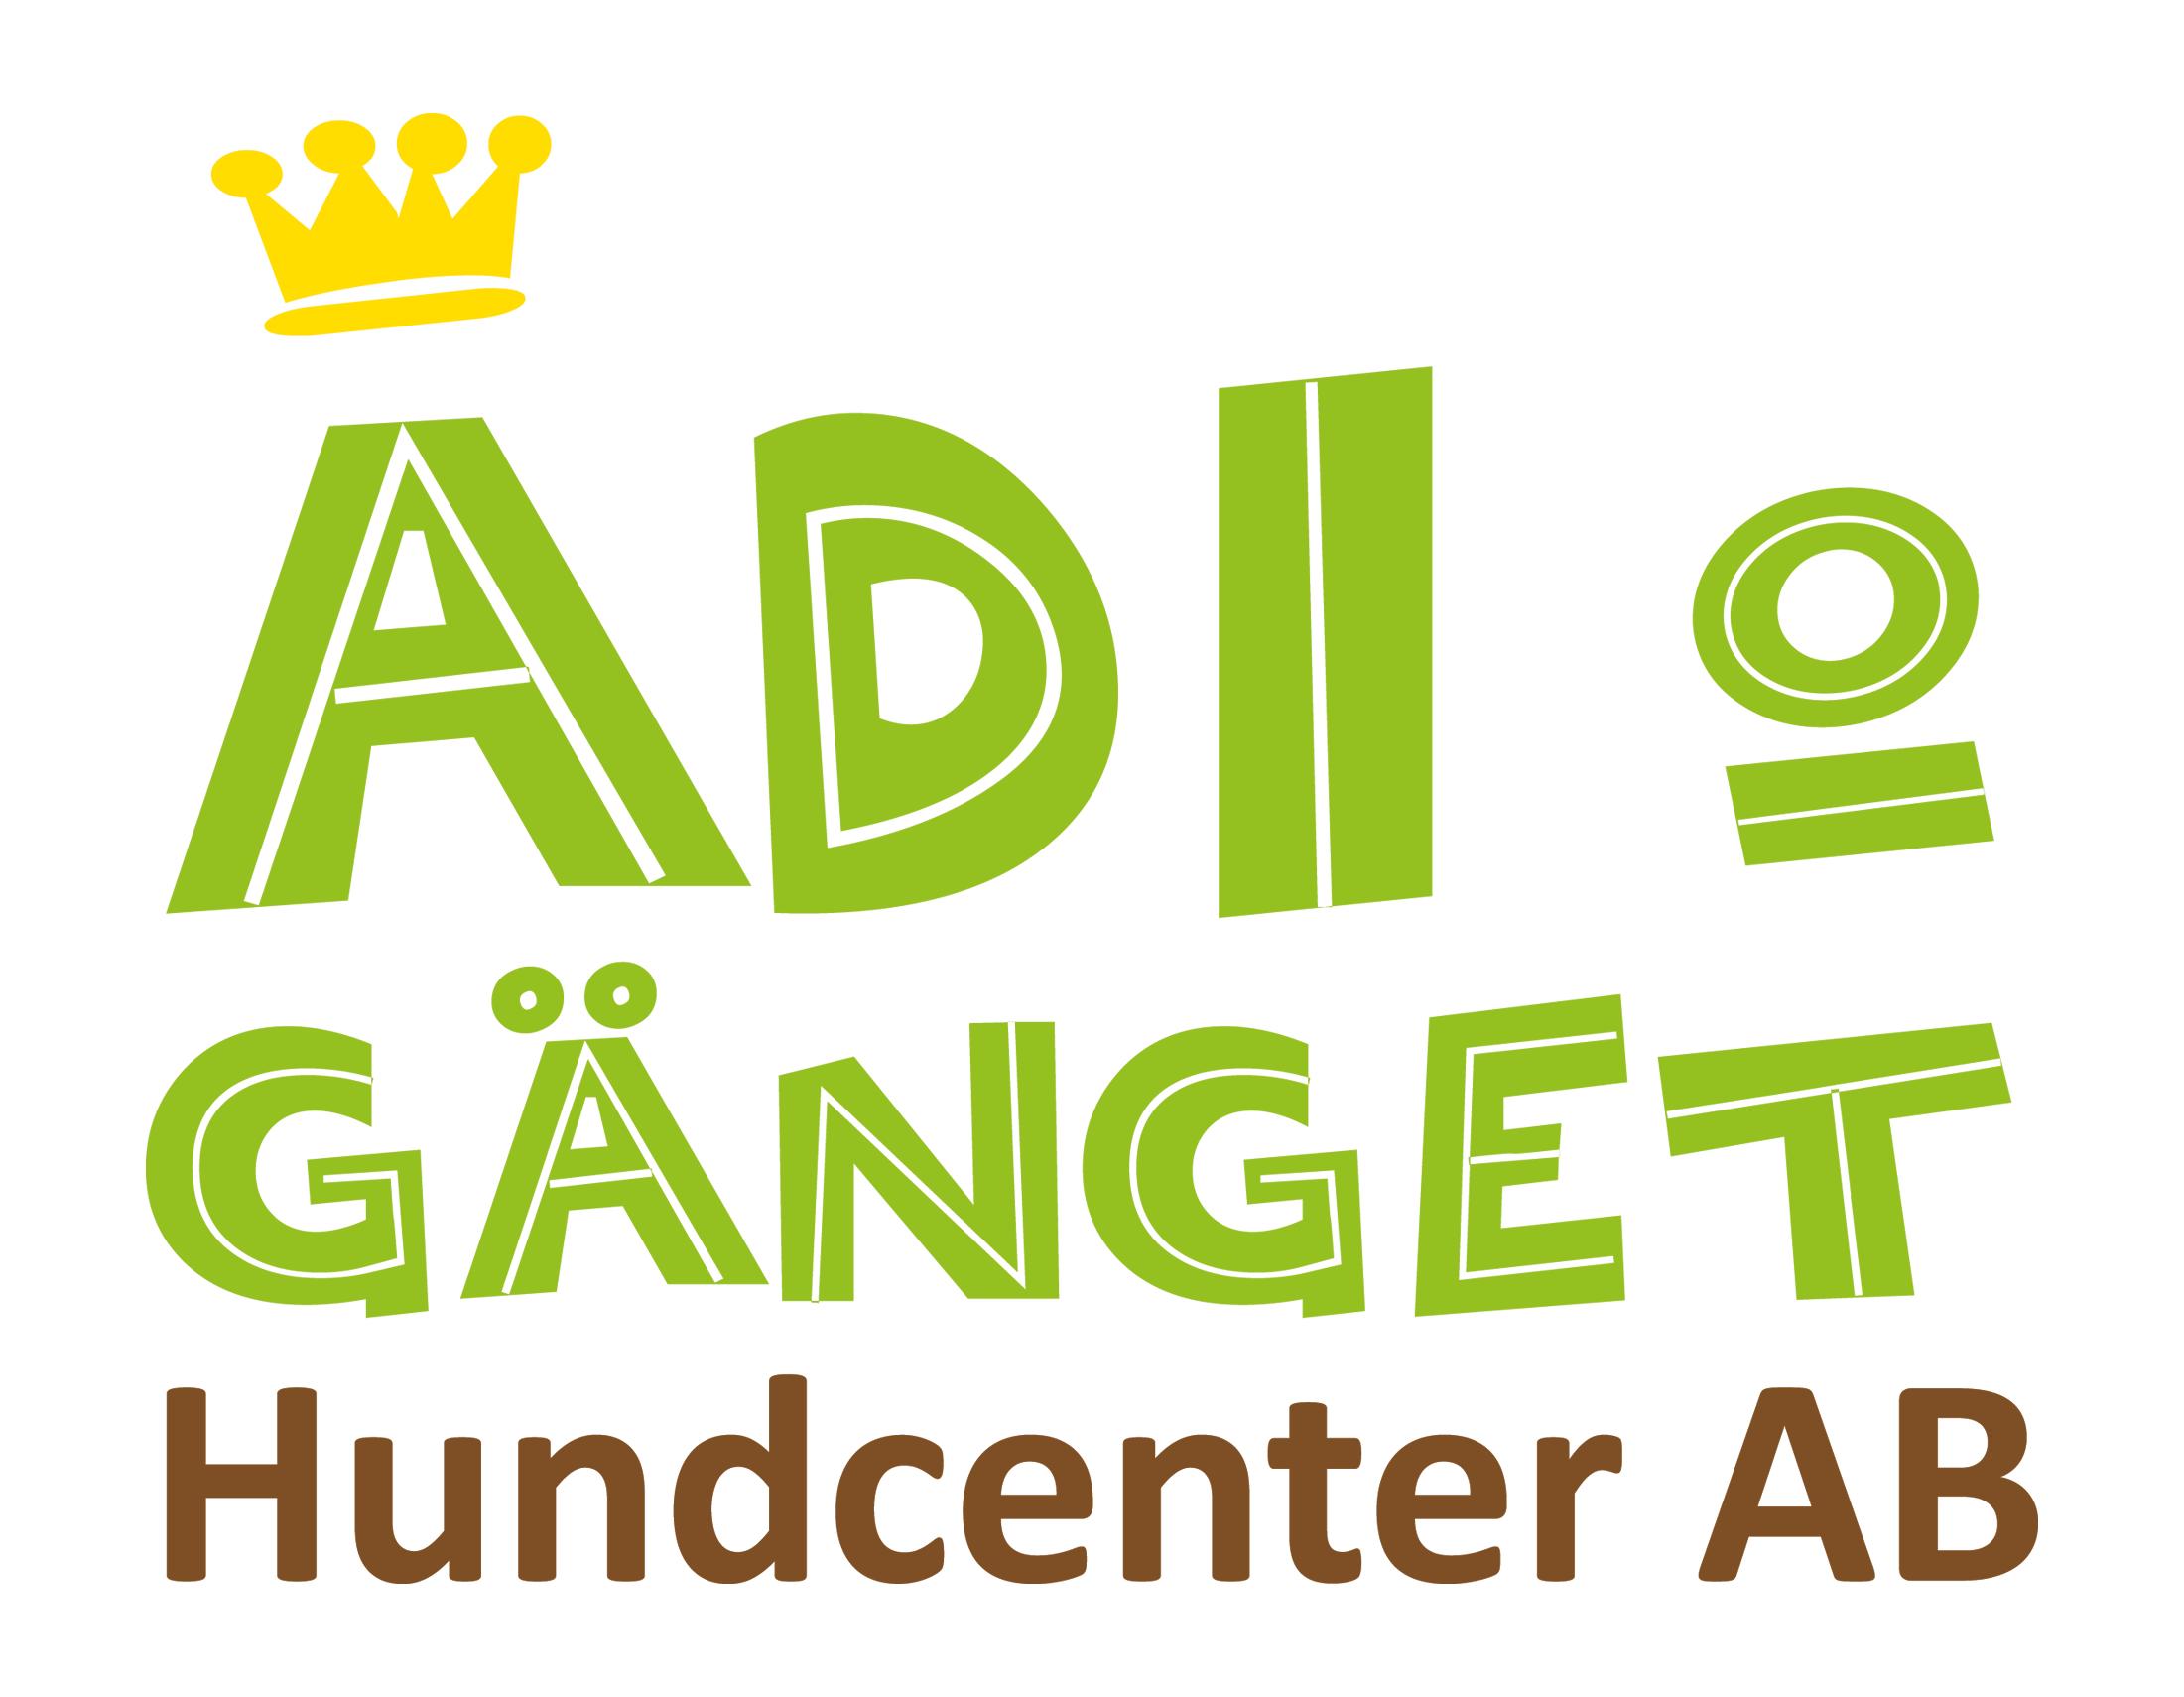 Ådi och Gänget hundcenter AB